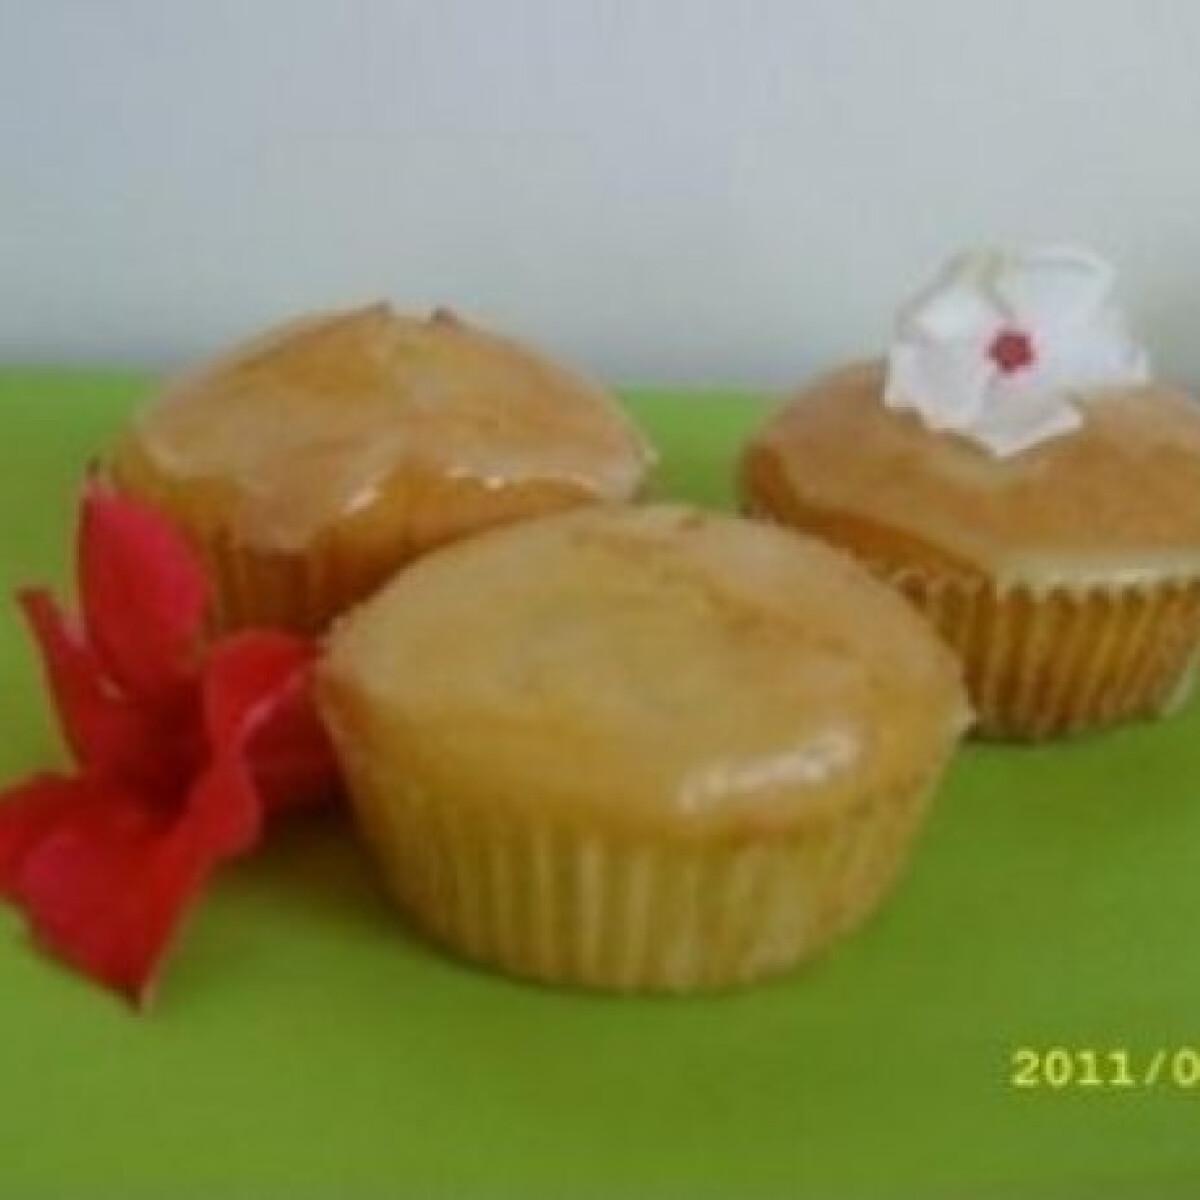 Pina Colada muffin